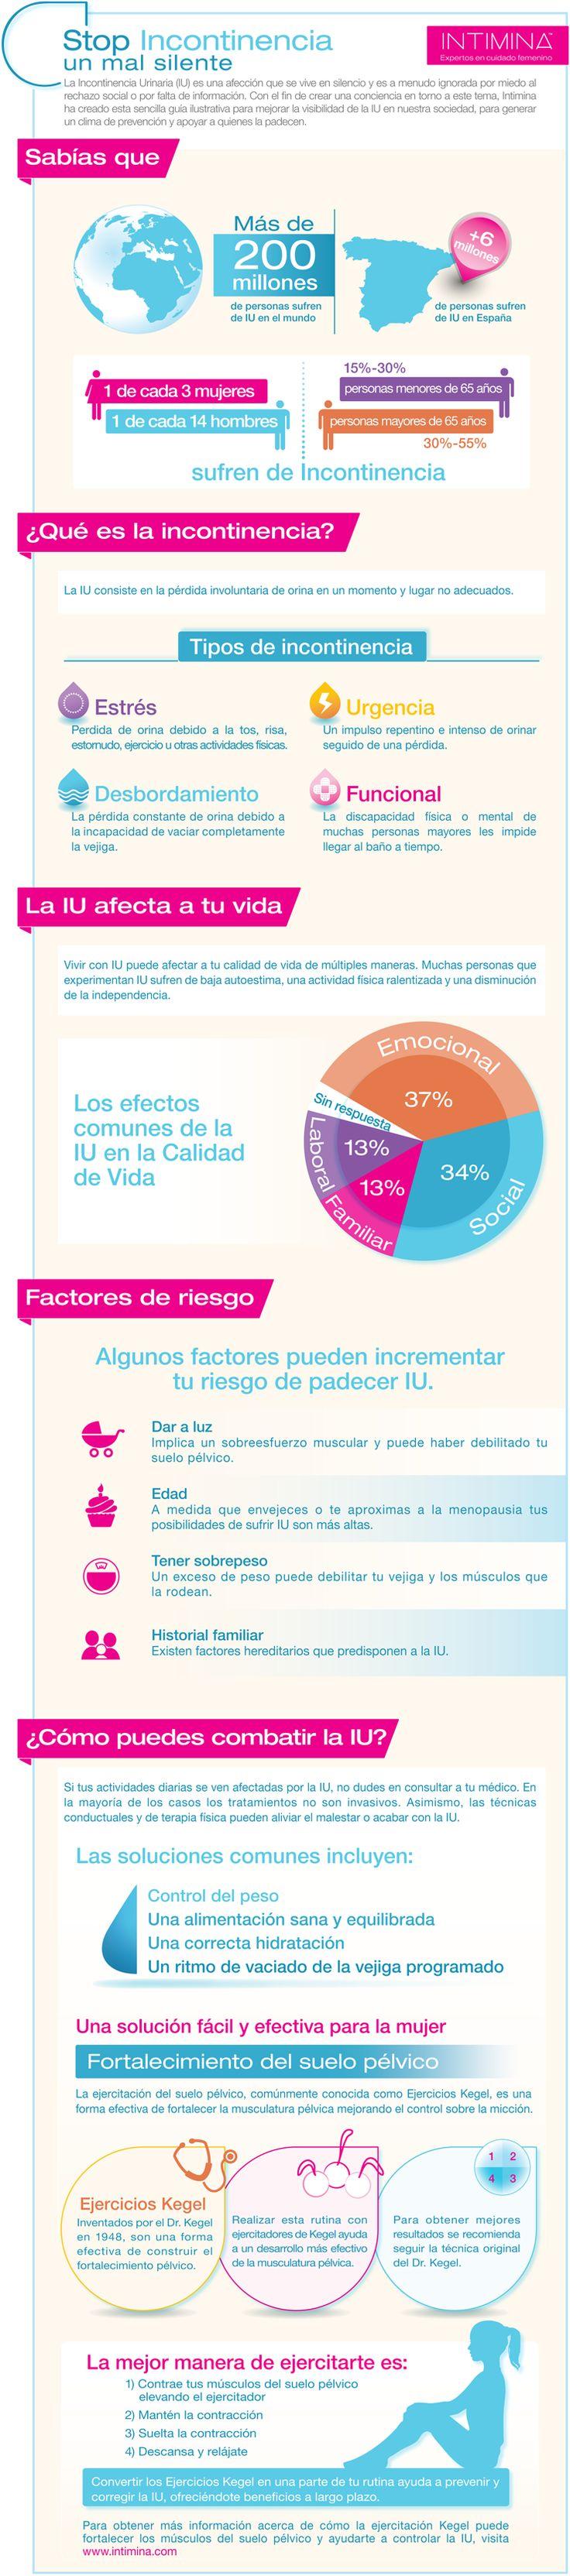 Infografía sobre la Incontinencia Urinaria.